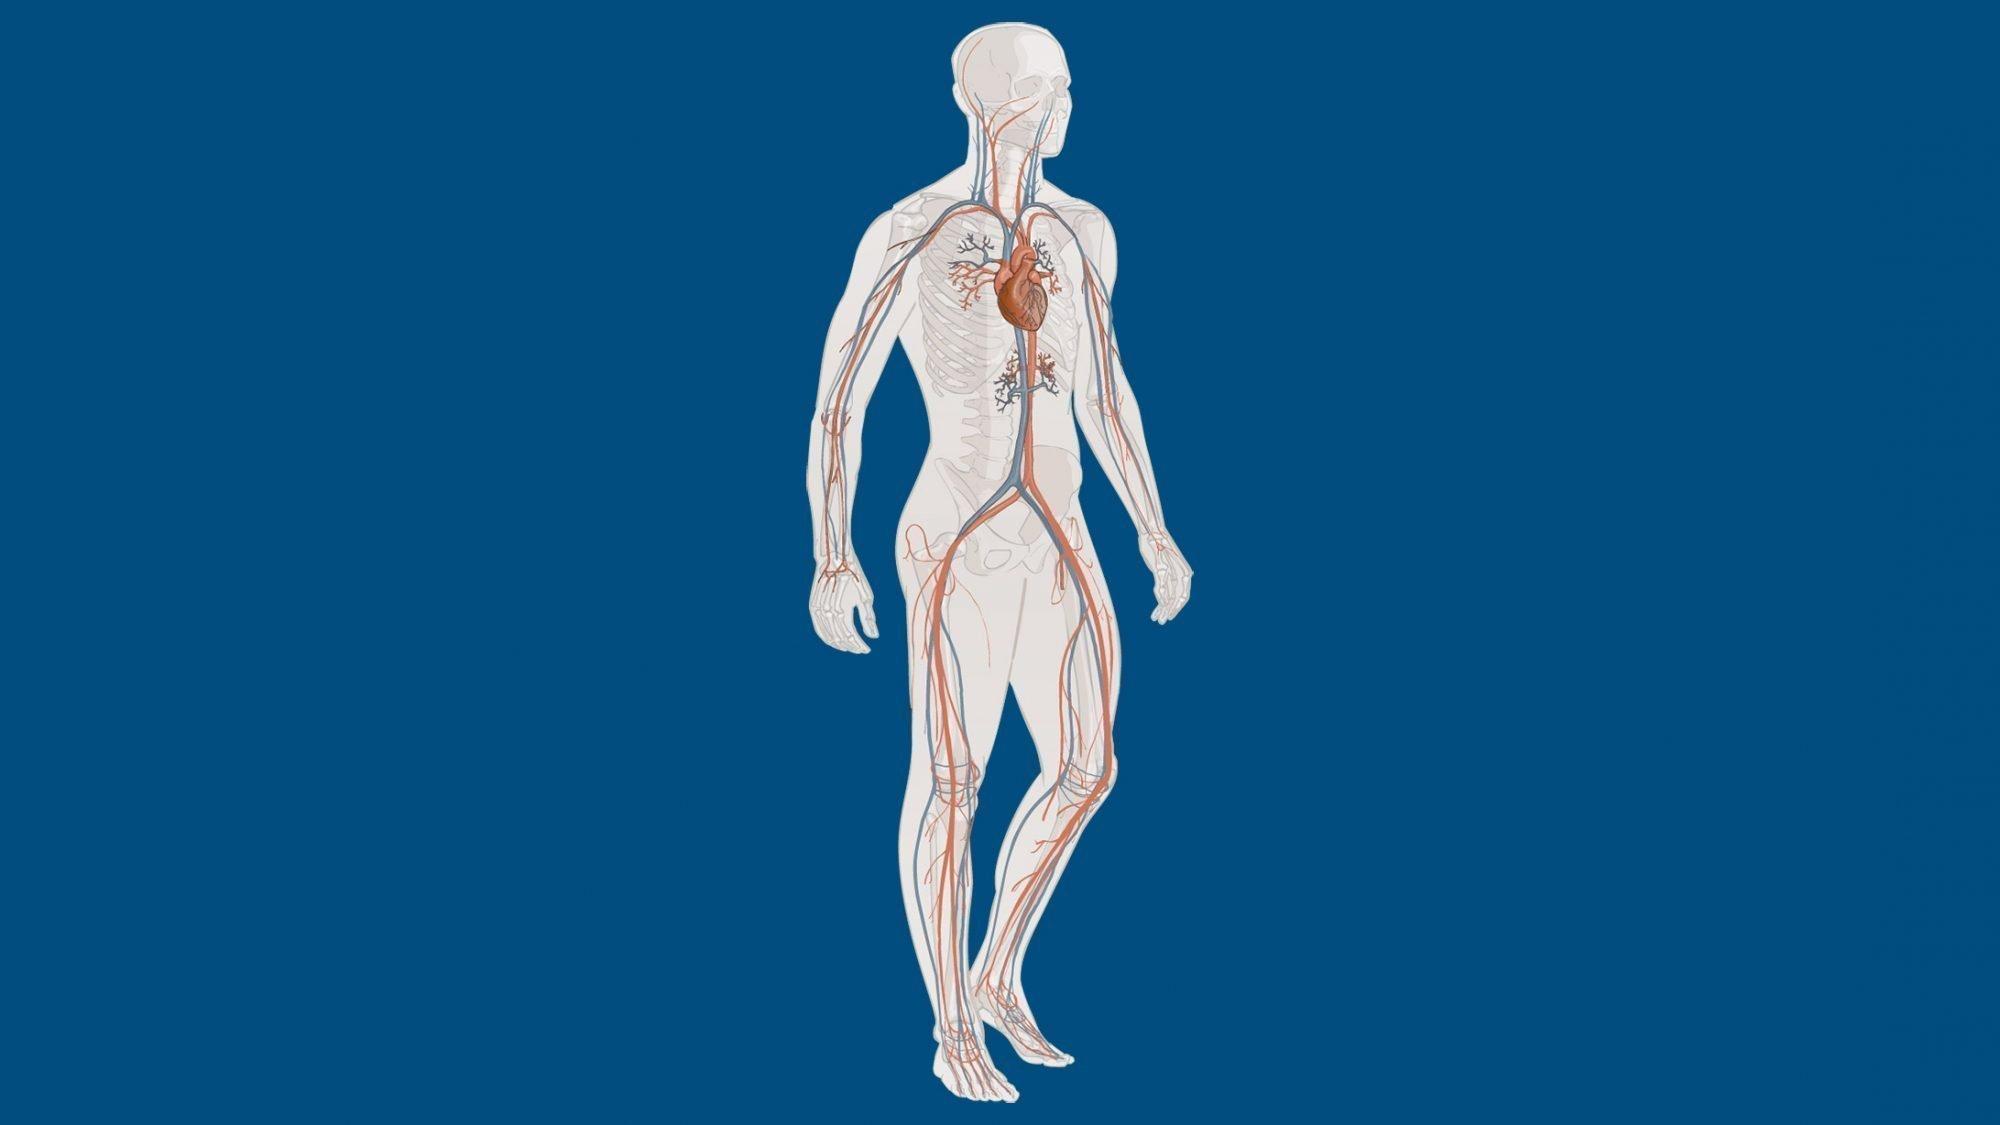 Illustration der Gefässe im Körper eines Menschen.